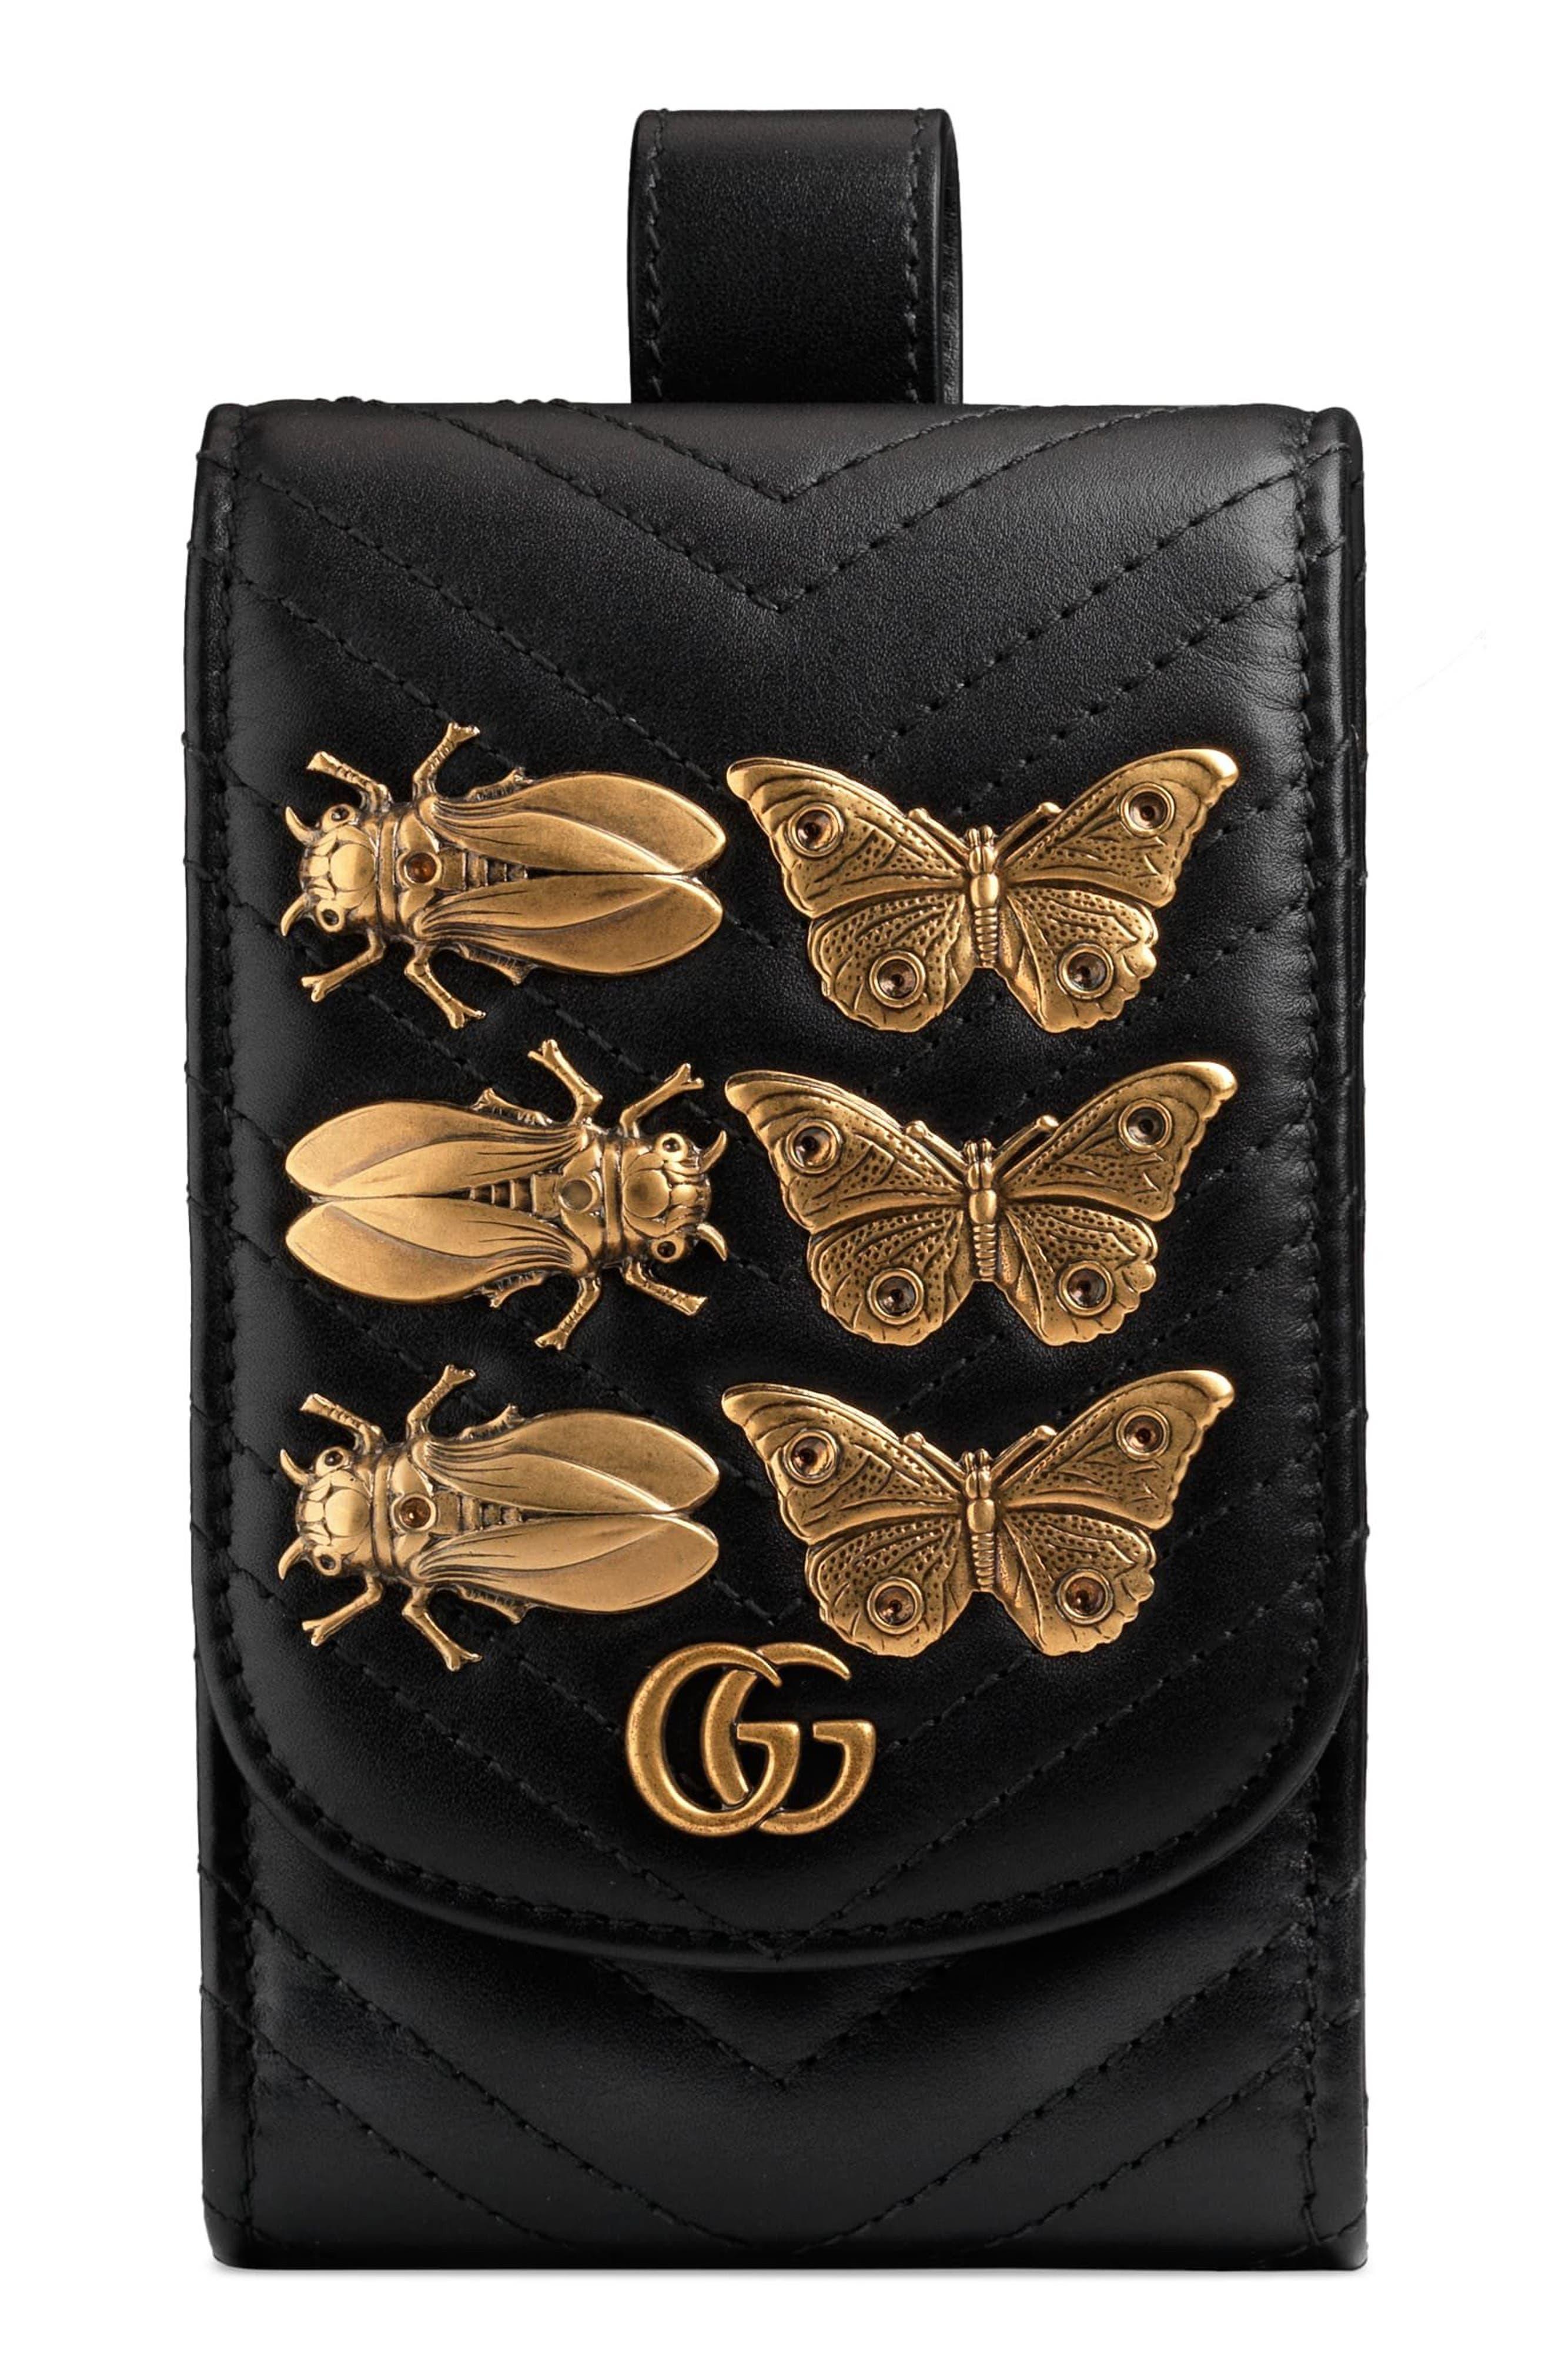 GG Marmont 2.0 Matelassé Leather Phone Case,                         Main,                         color,